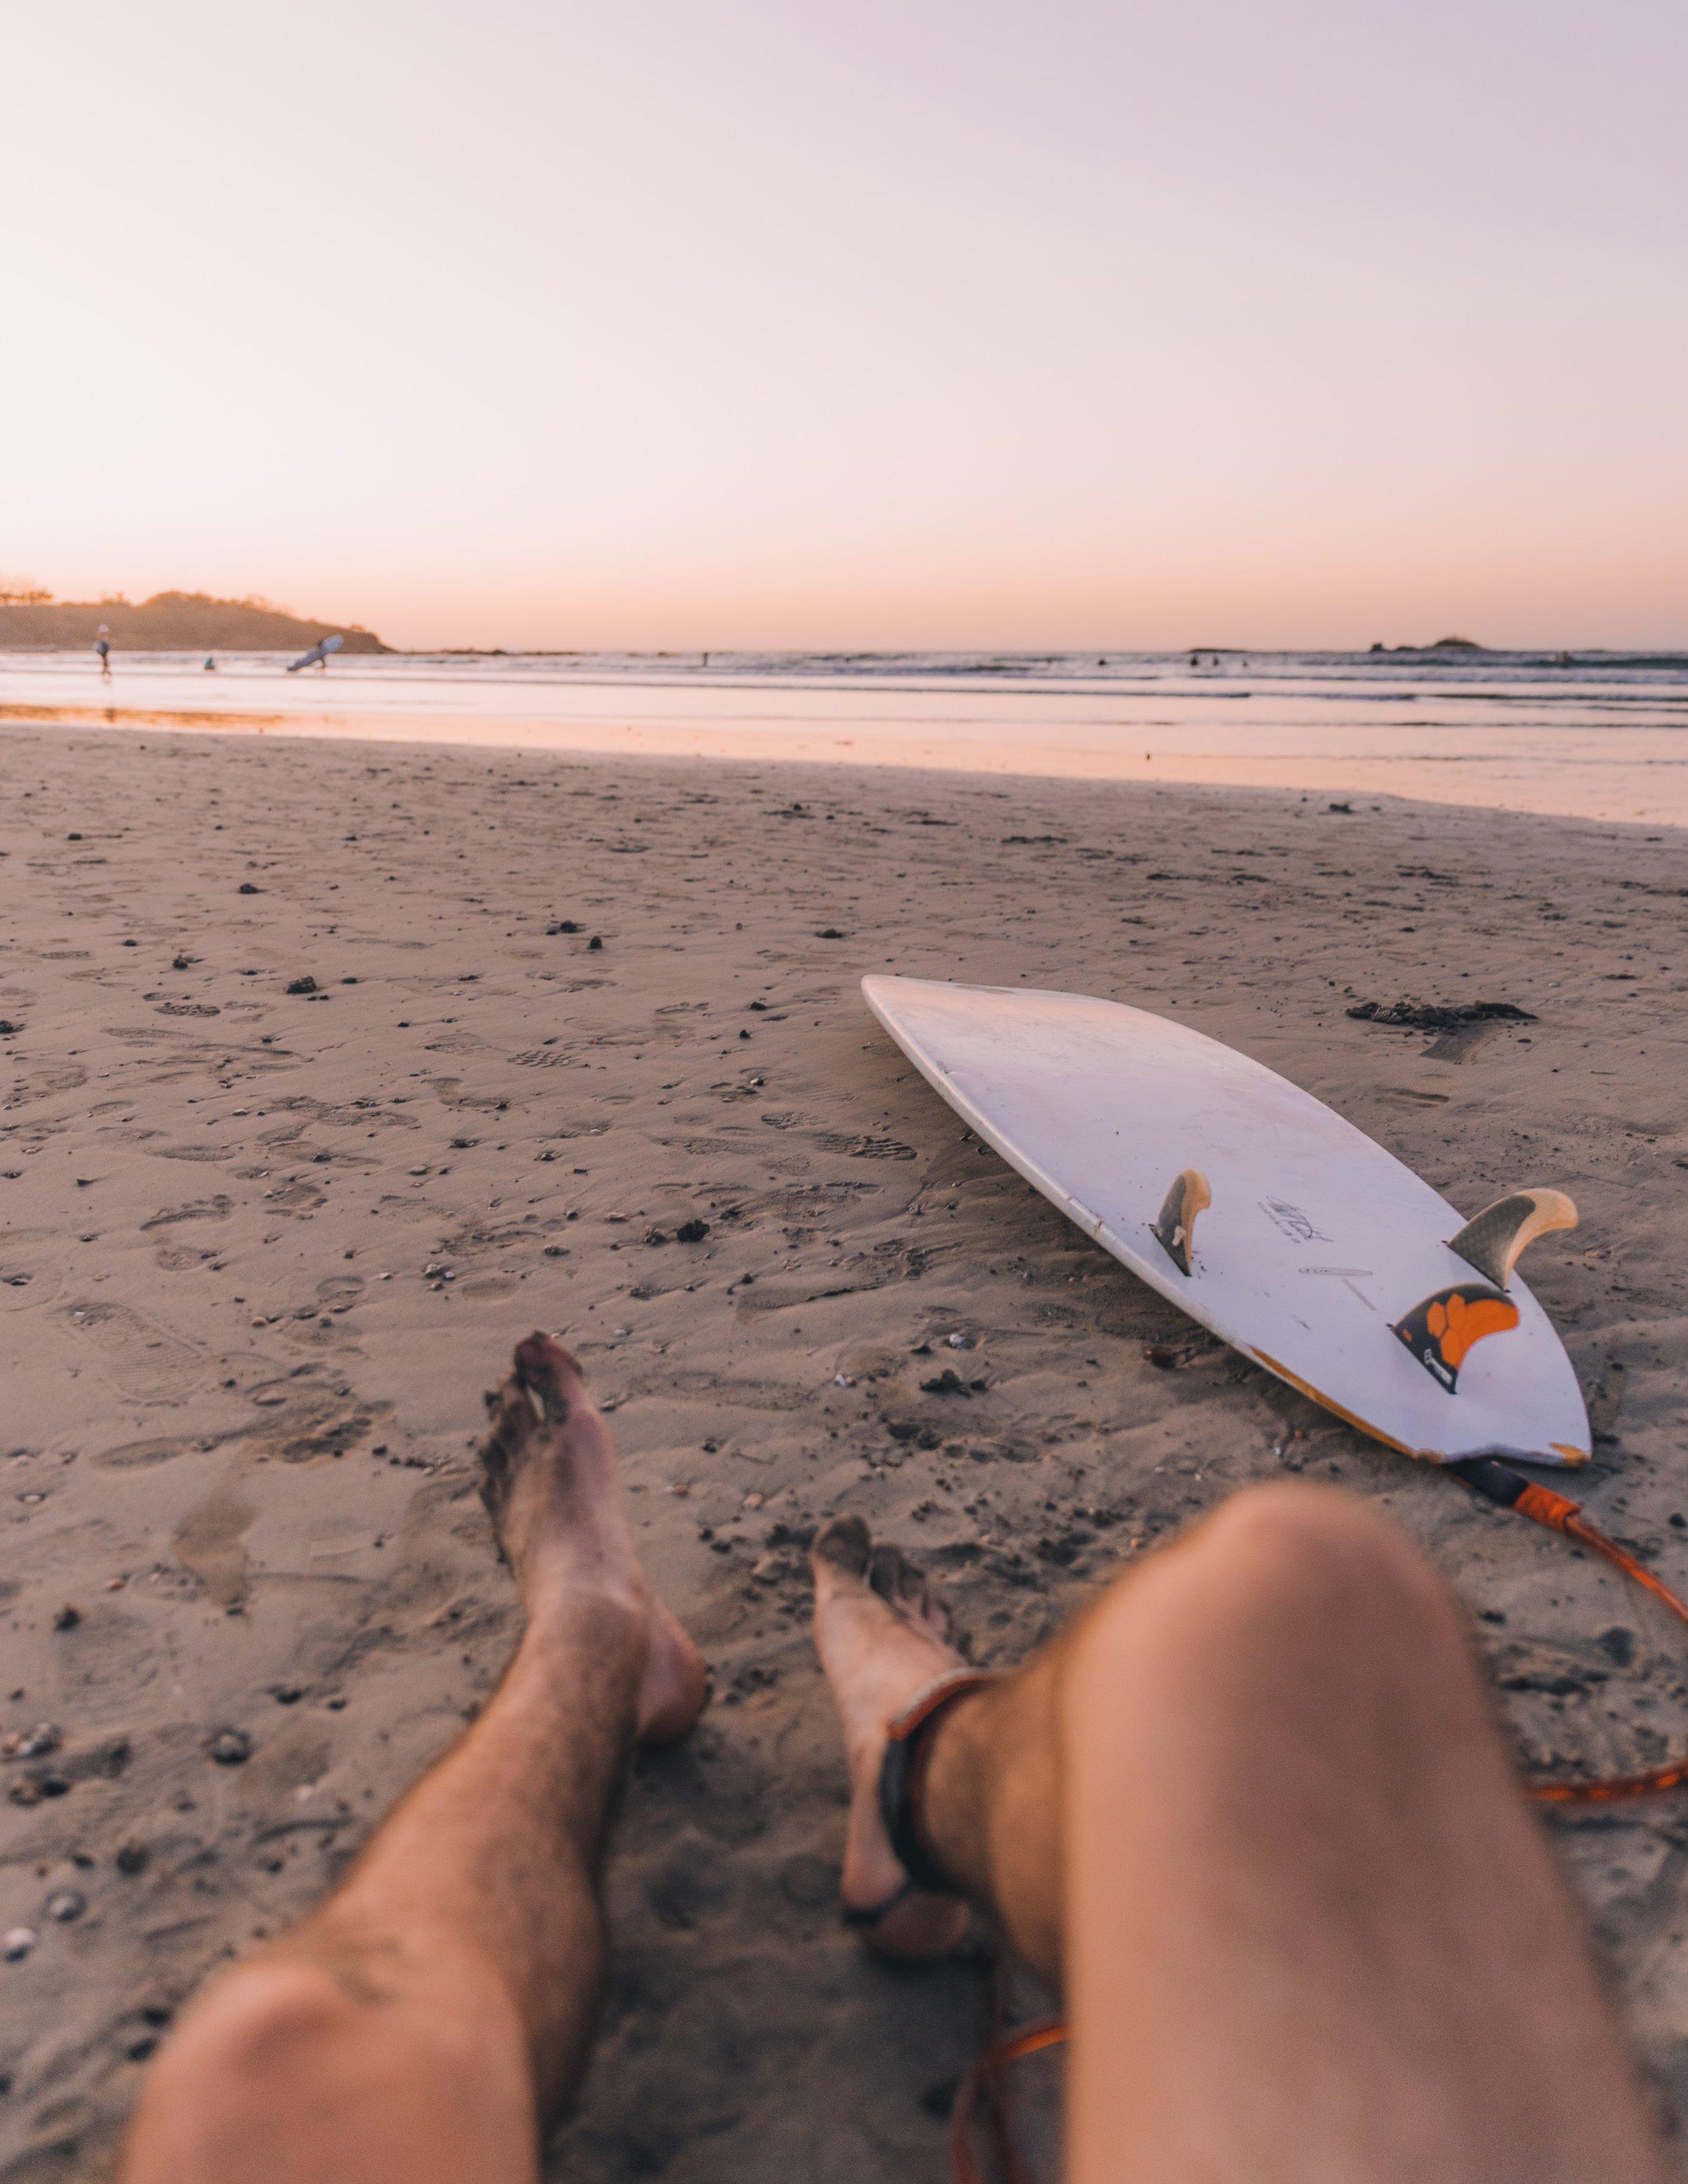 surfboard on a sandy beach